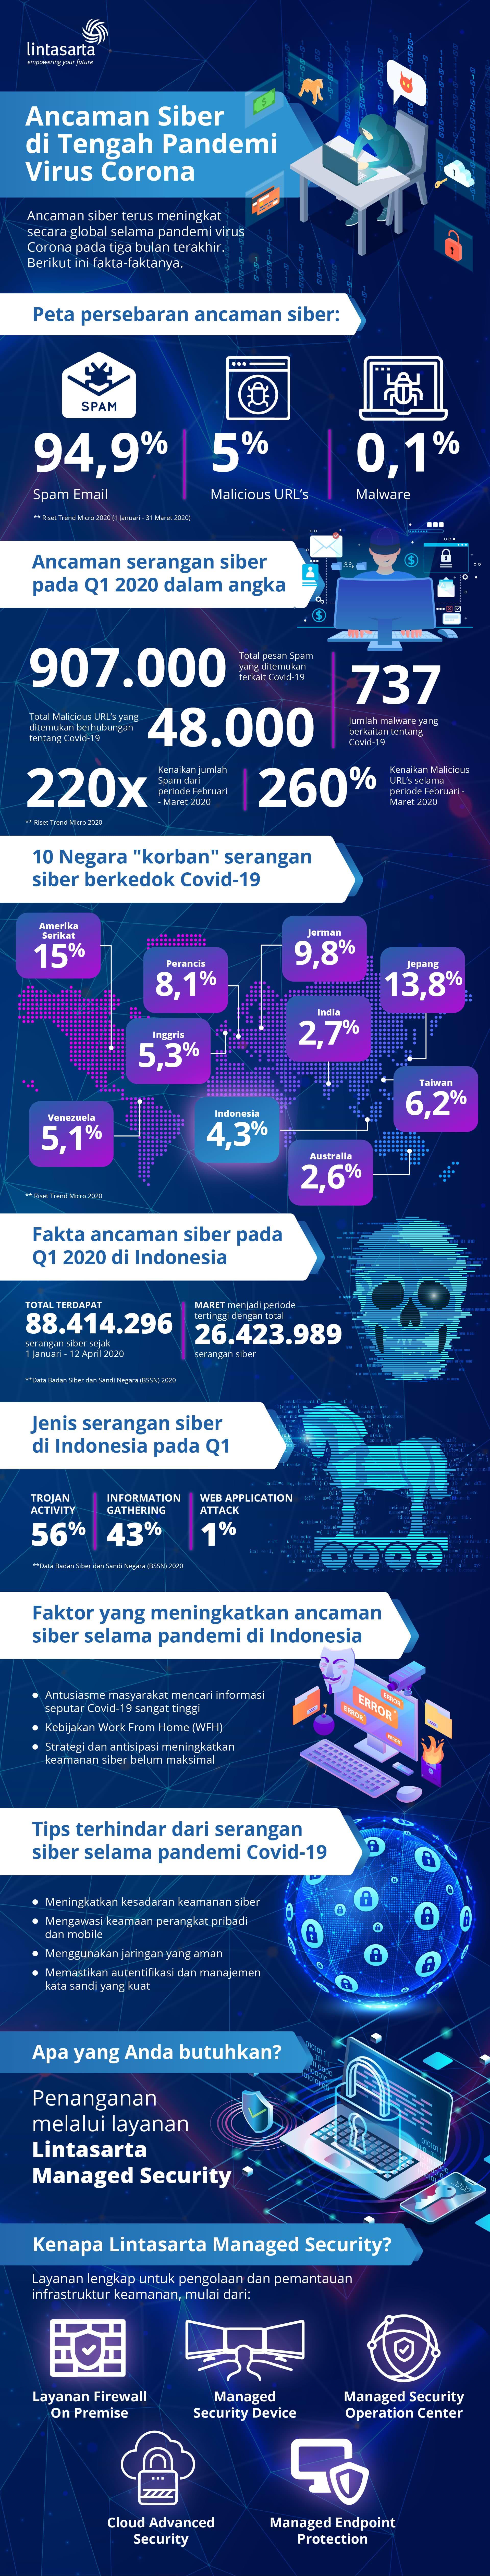 Infografis-4-01-4-1